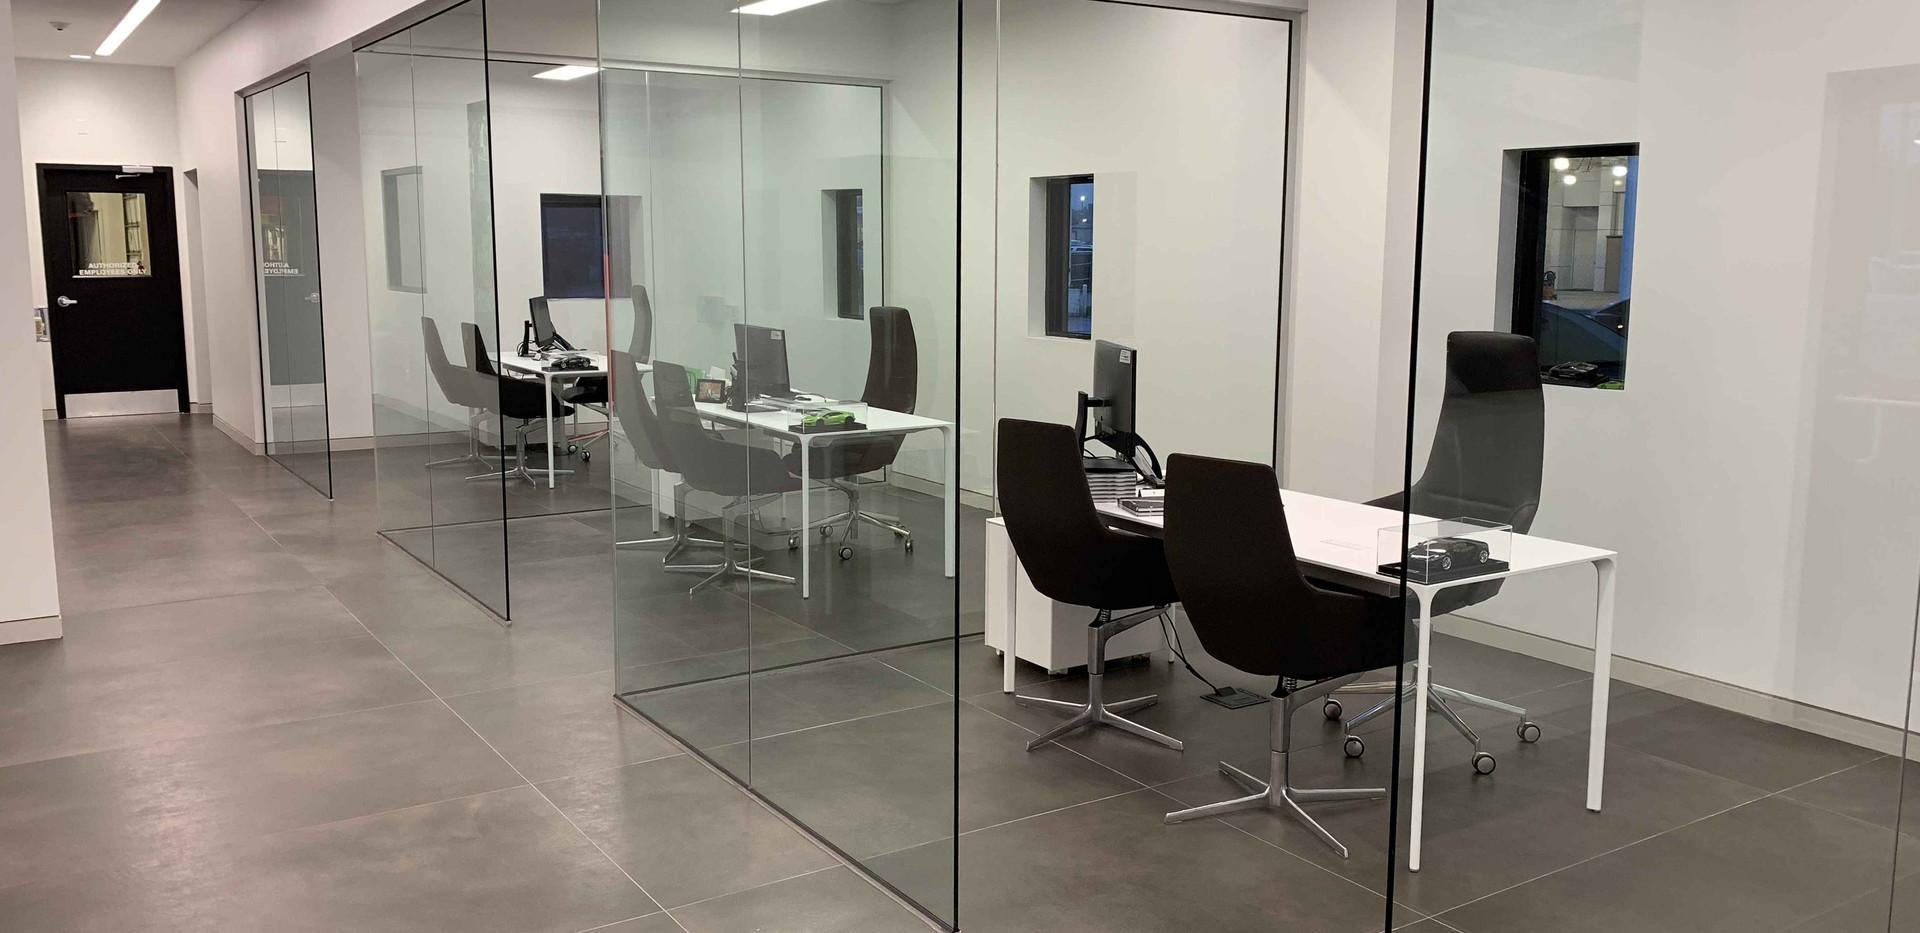 LAM back offices.jpg